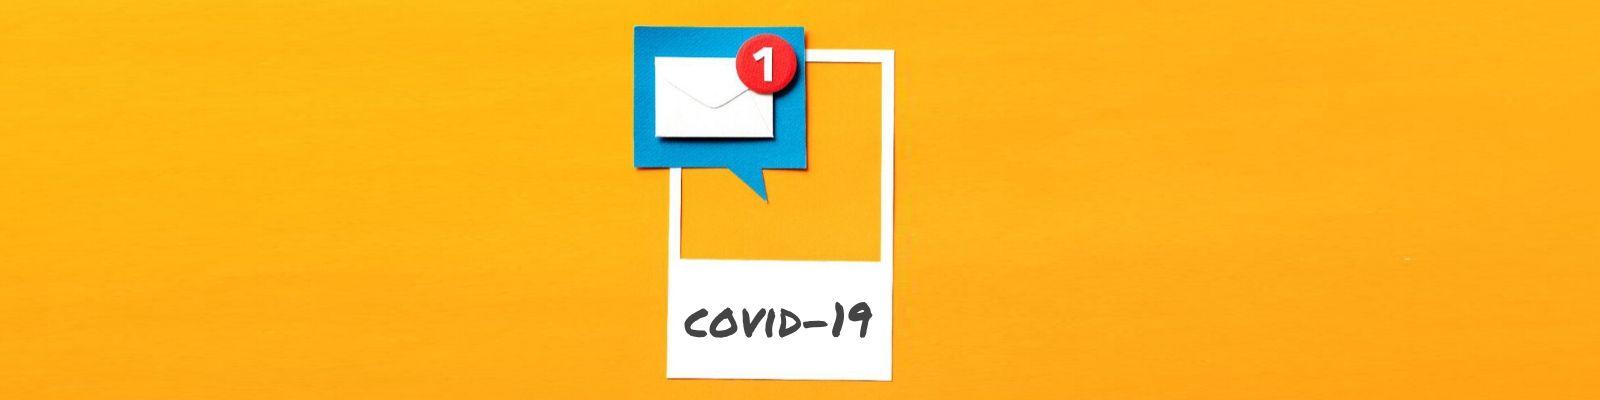 Cómo adaptar tu estrategia de email marketing durante el coronavirus